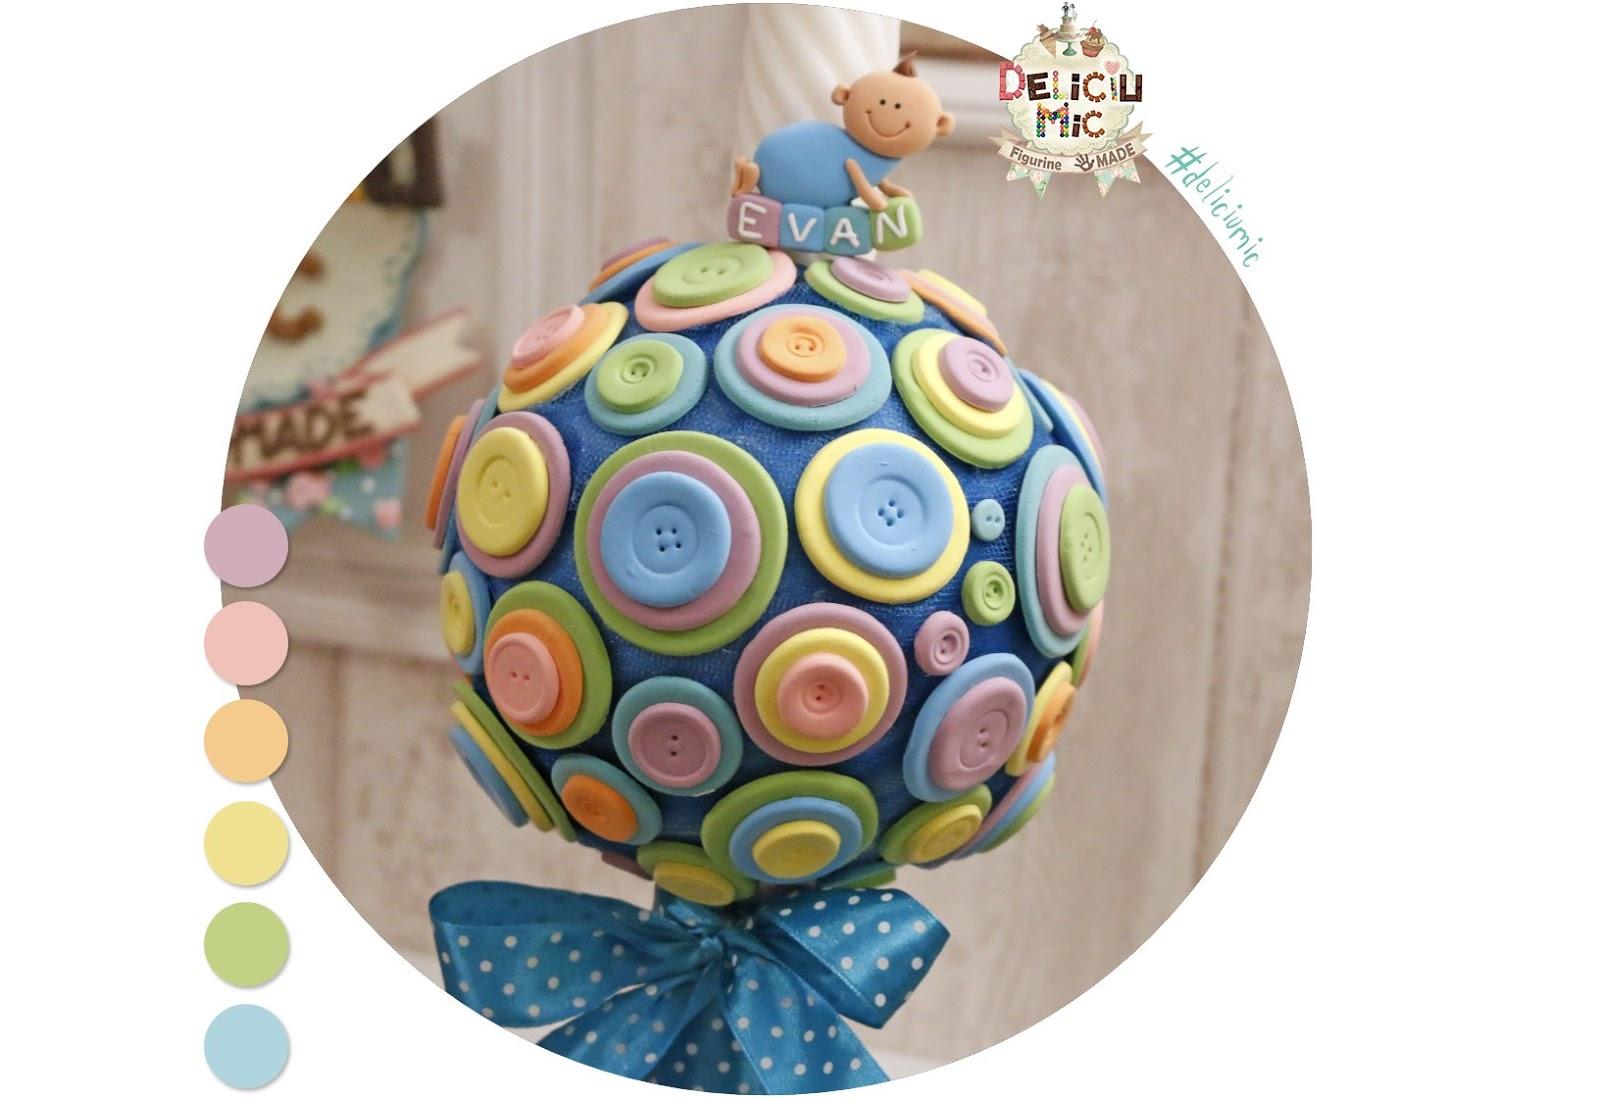 Deliciu Mic Cadouri Personalizate Figurine Tort Nunta Bijuterii